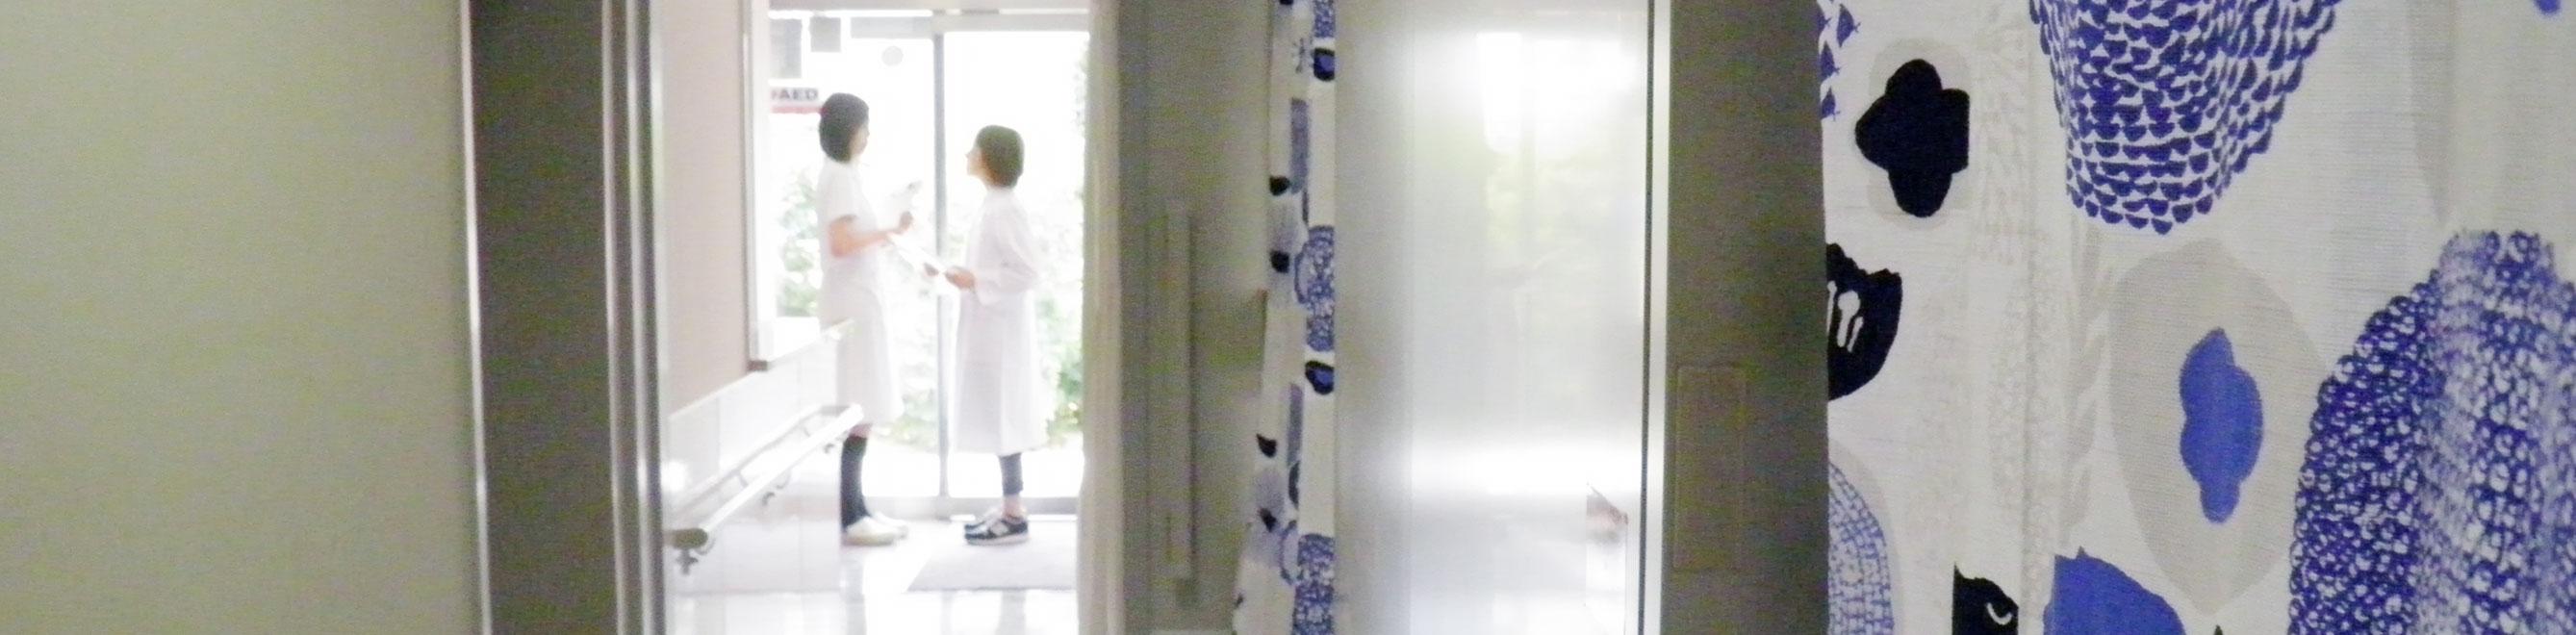 医療法人社団千手会 伊利医院